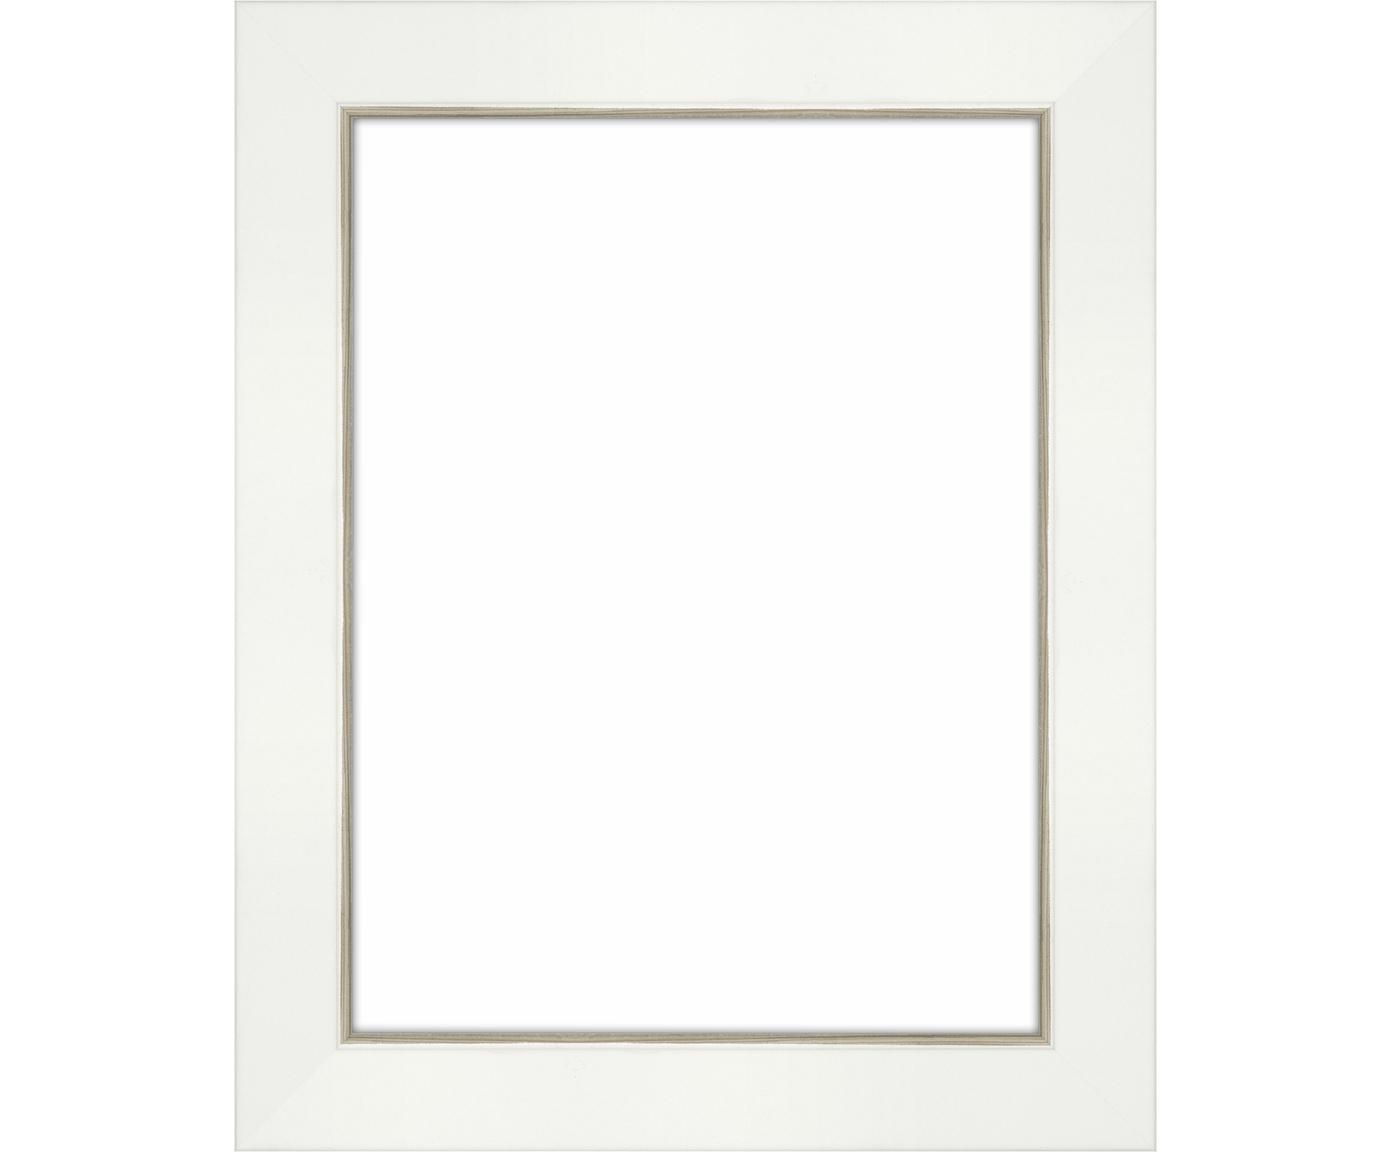 Ramka na zdjęcia Classico, Biały, S 15 x D 20 cm